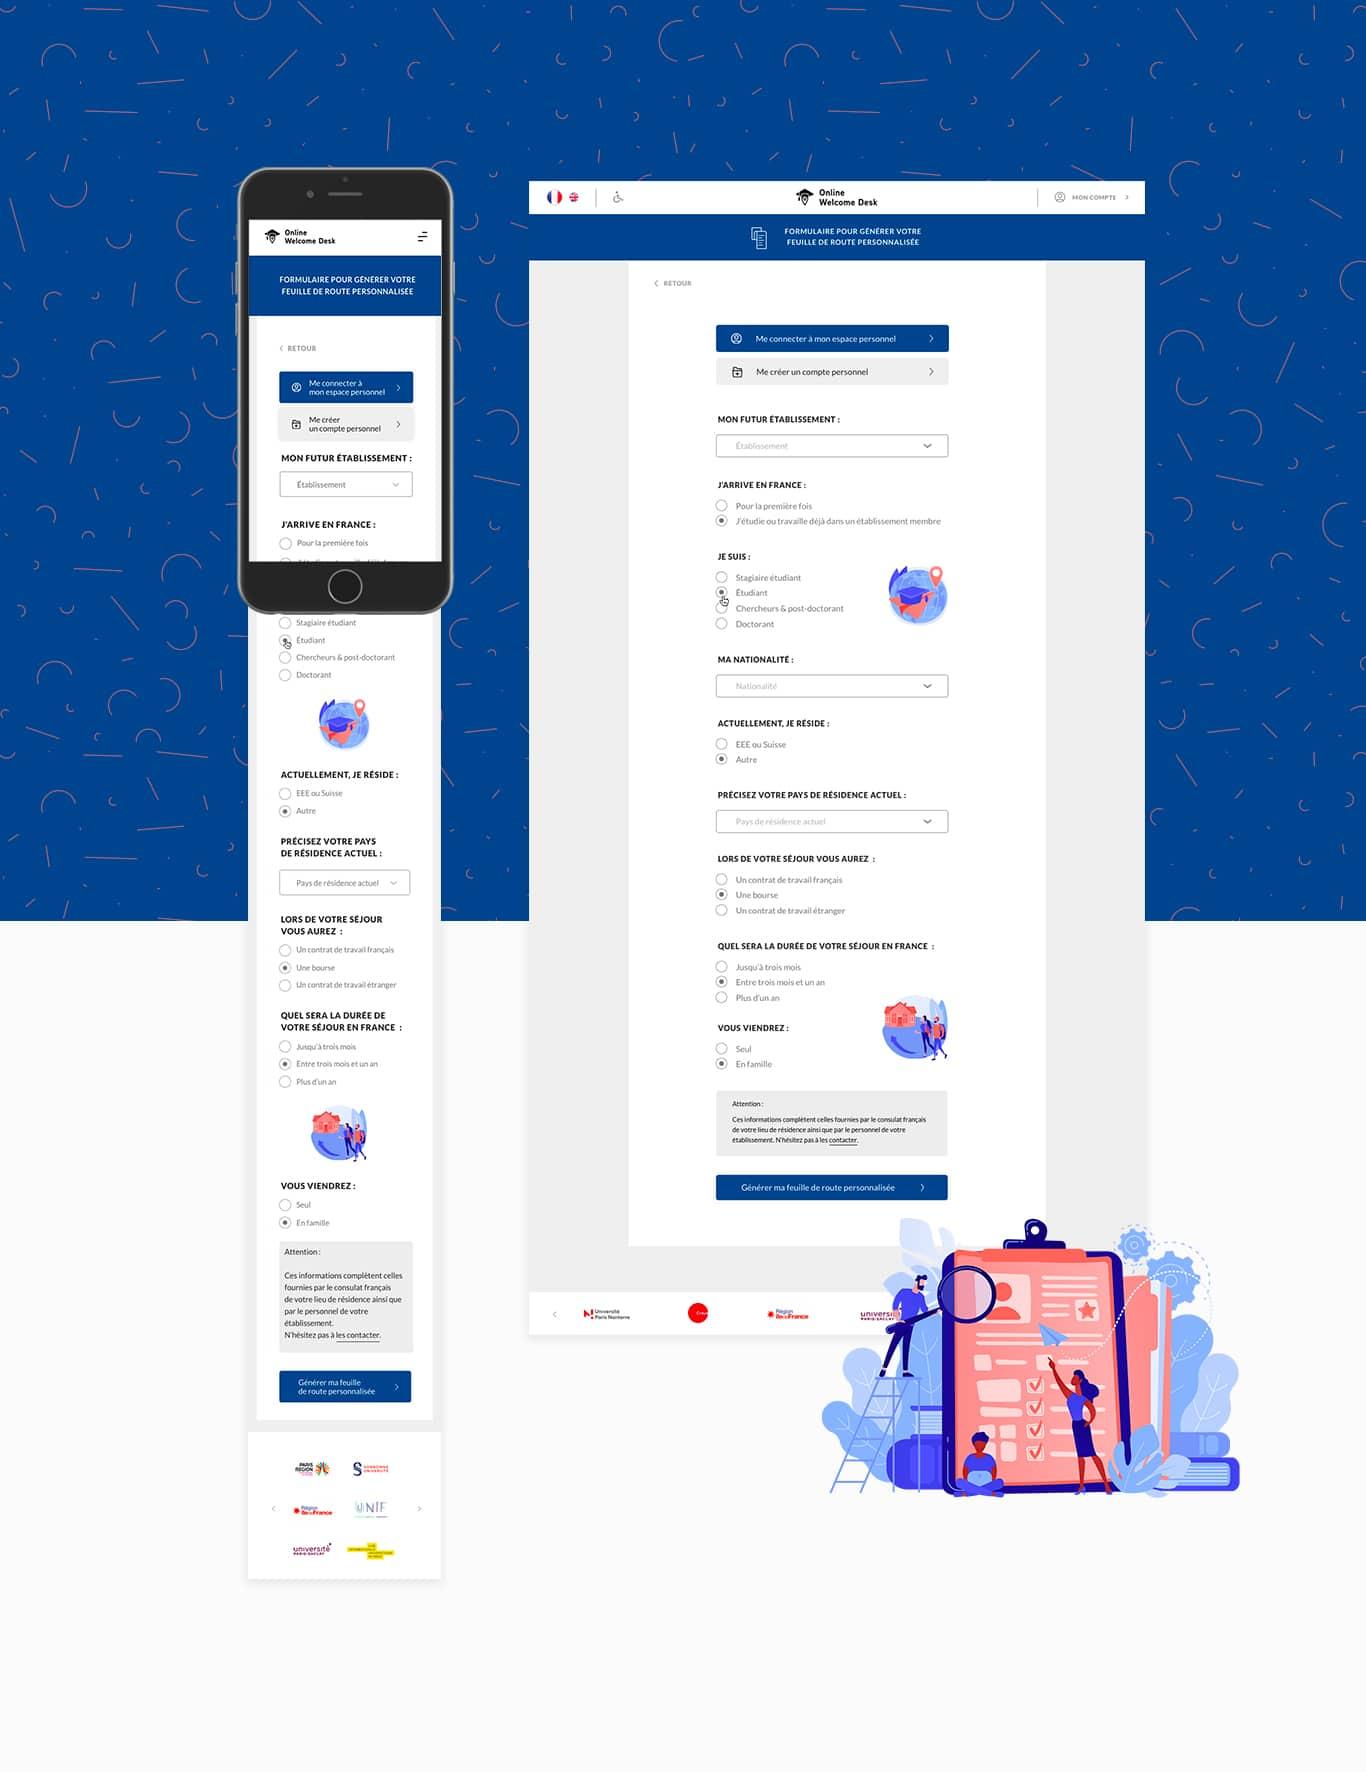 Mobile et interface d'ordinateur présentant le formulaire en ligne pour télécharger sa feuille de route personnalisée